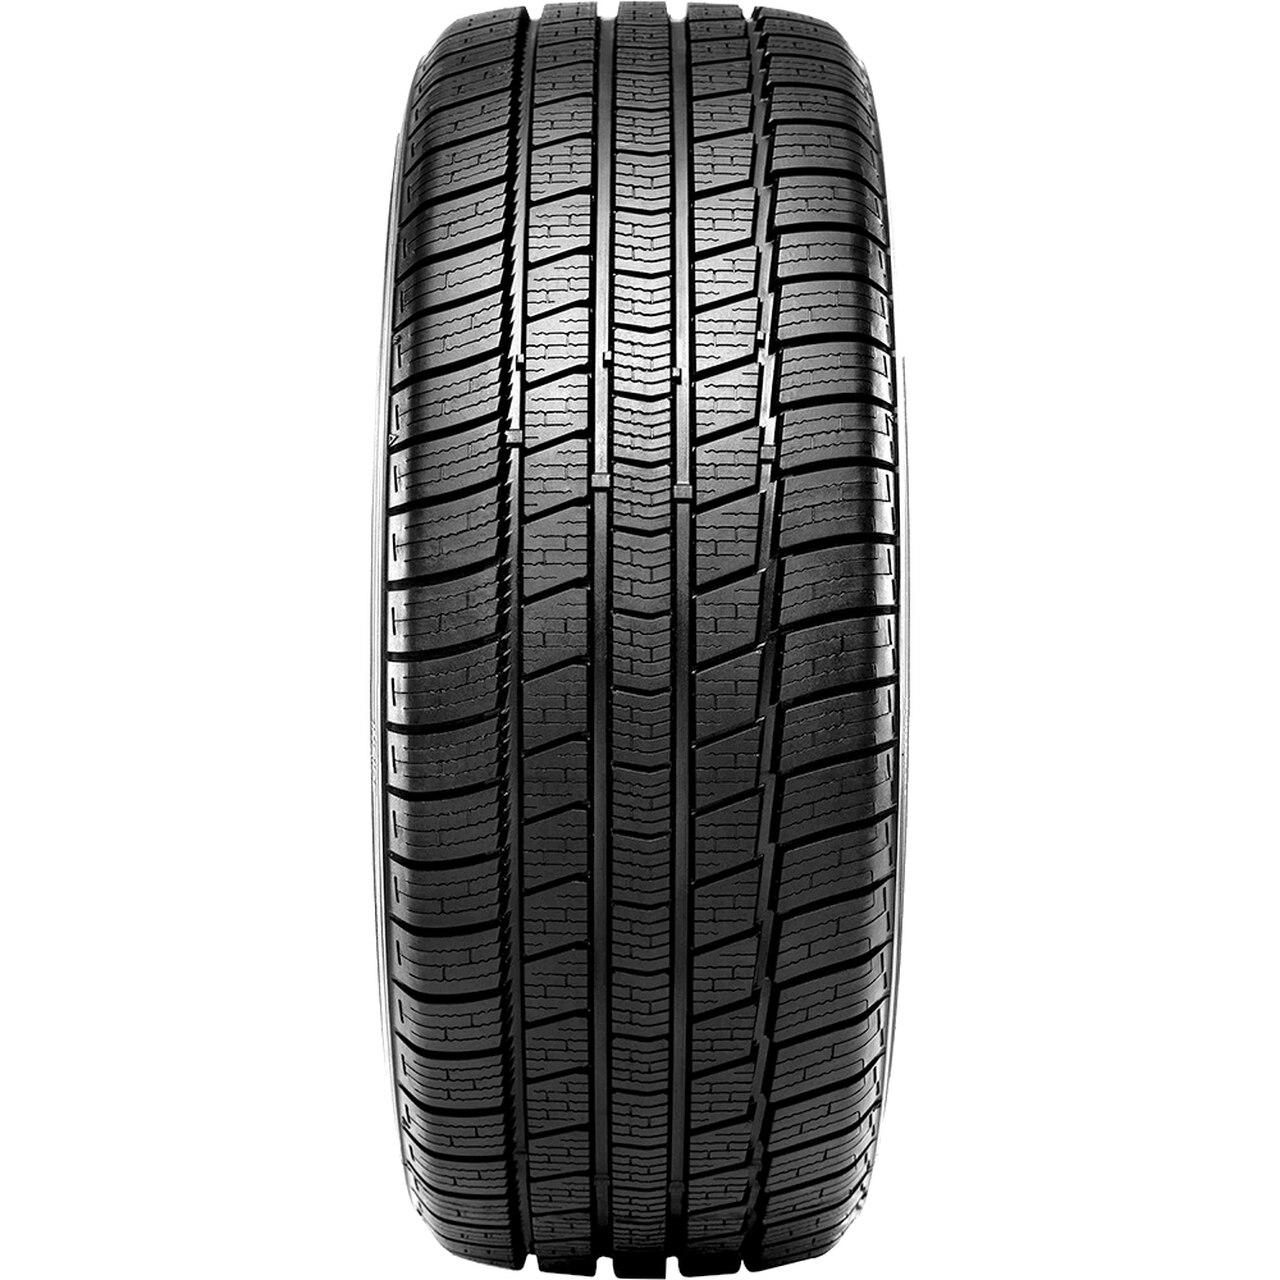 Neumático RADAR DIMAX 4 SEASON 195/65R15 95 V